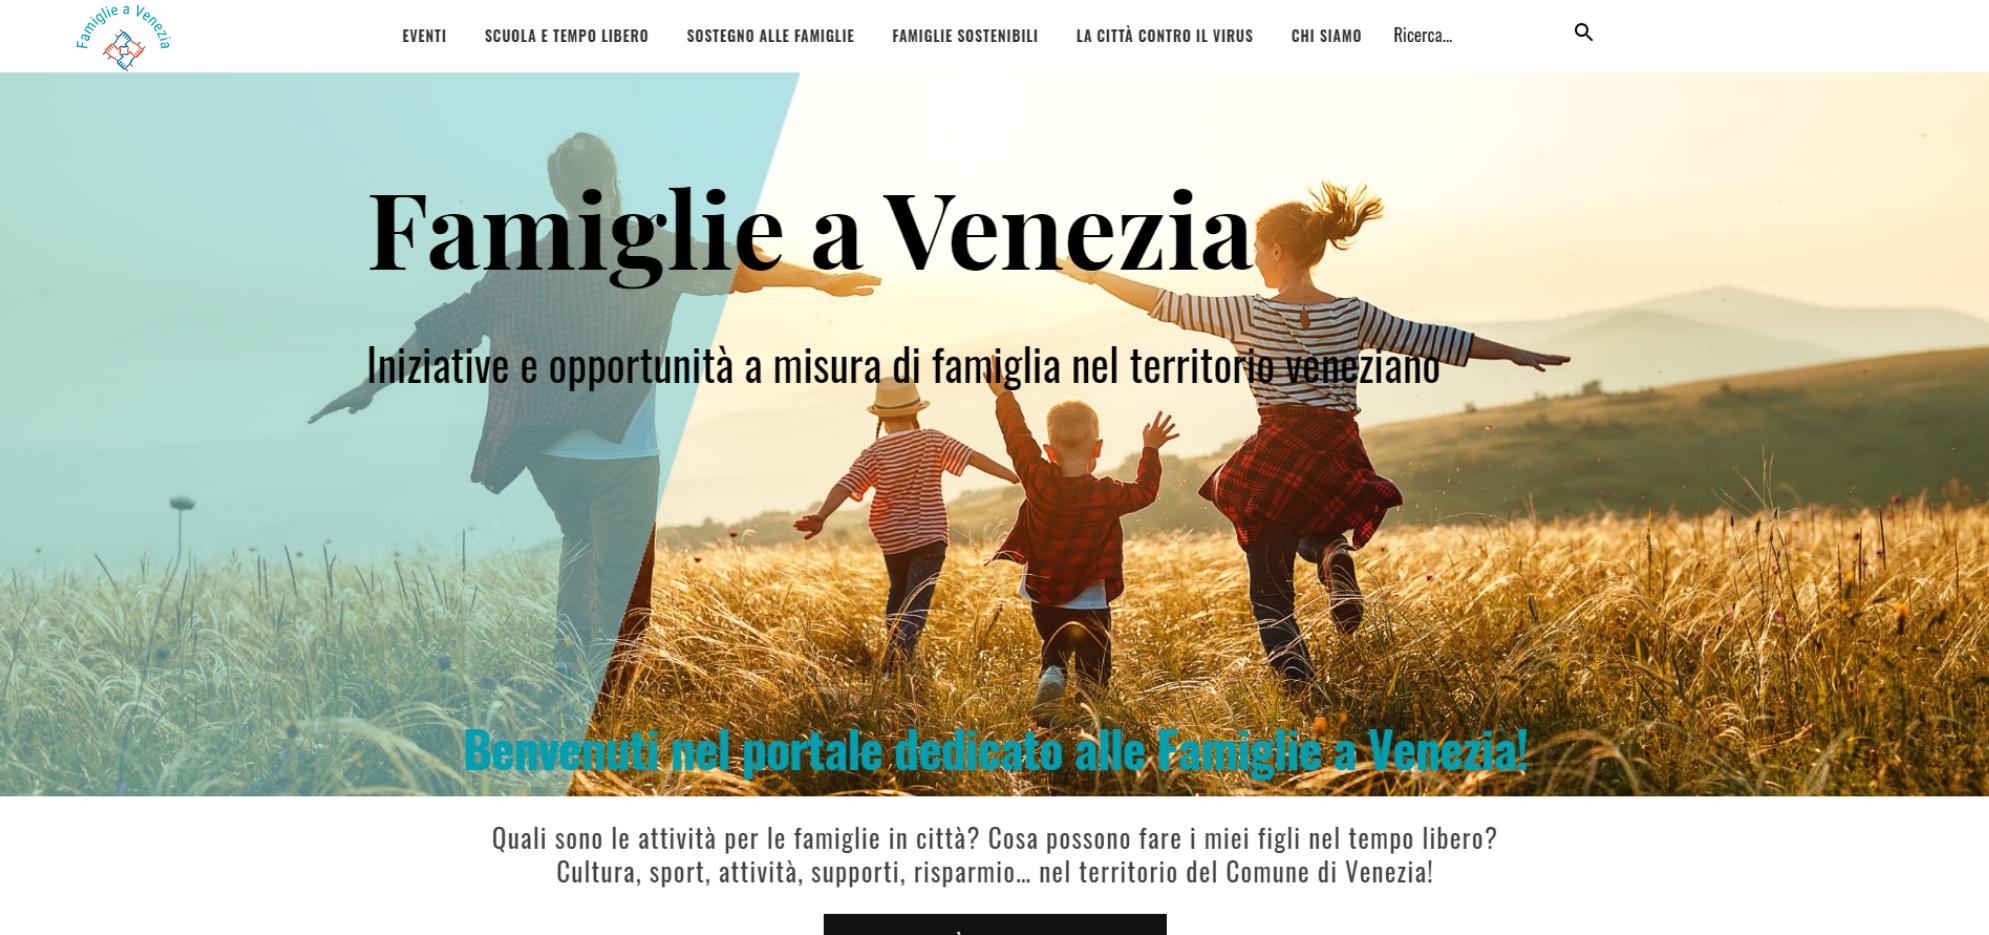 Home page sito www.famiglieavenezia.it